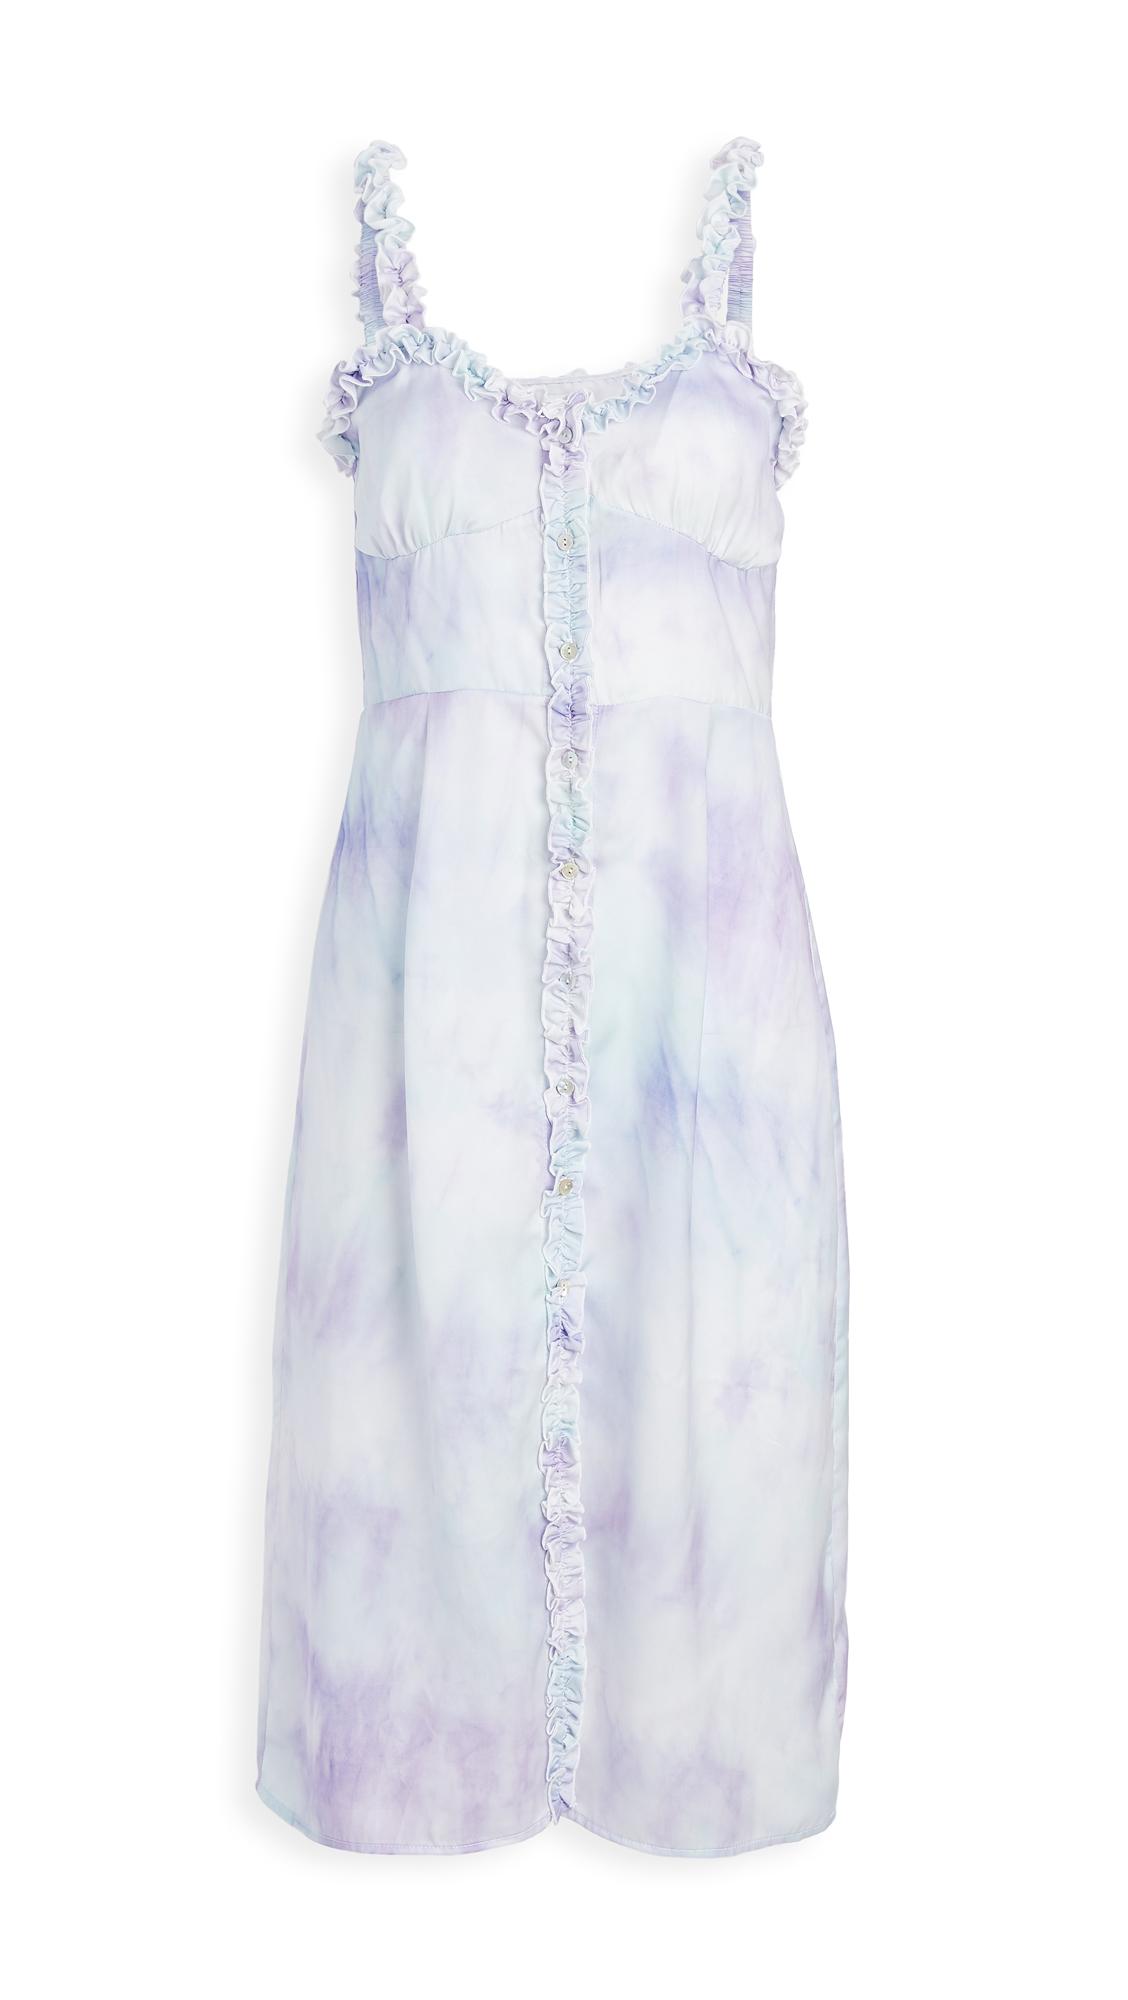 Plush Tie Dye Tank Dress